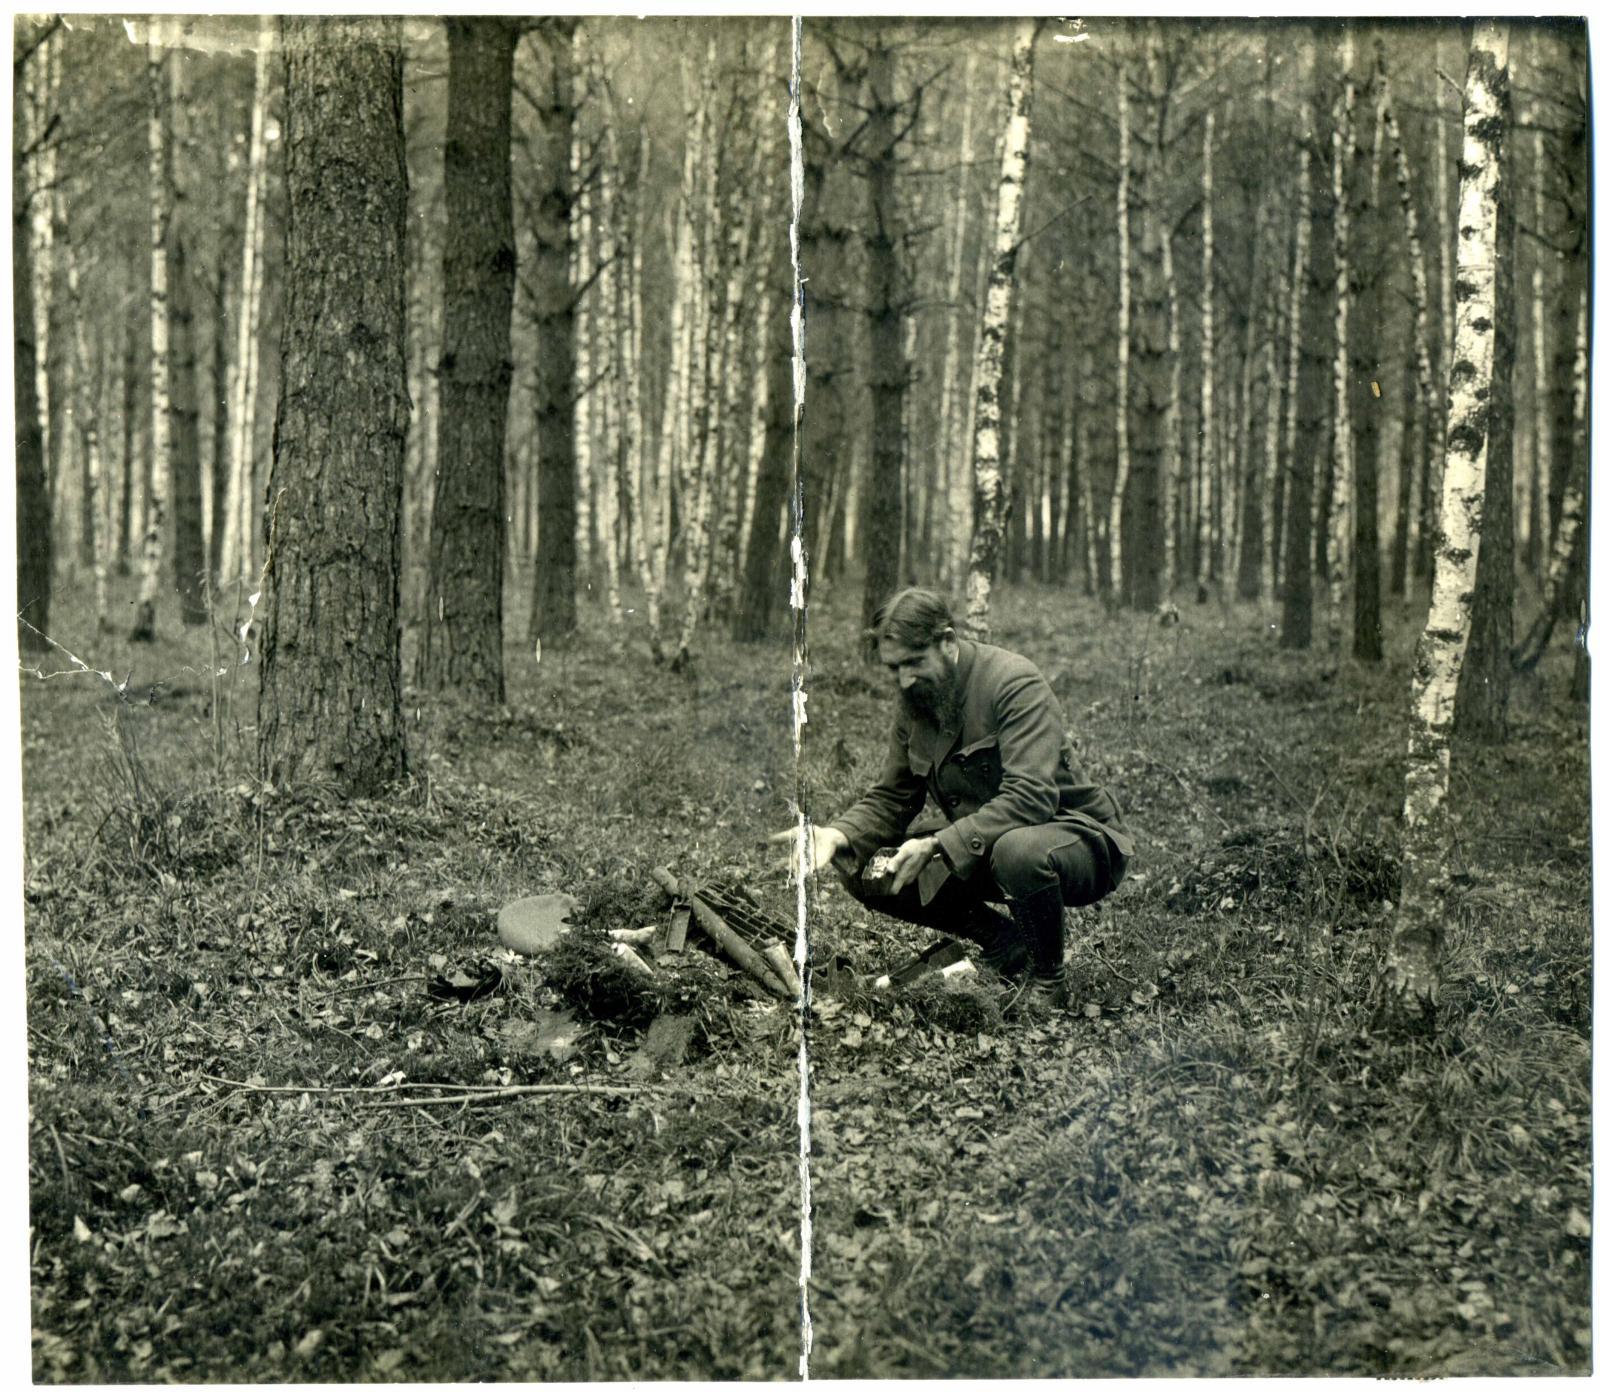 1928. Мартын Иванович Лацис и найденные типографические принадлежности